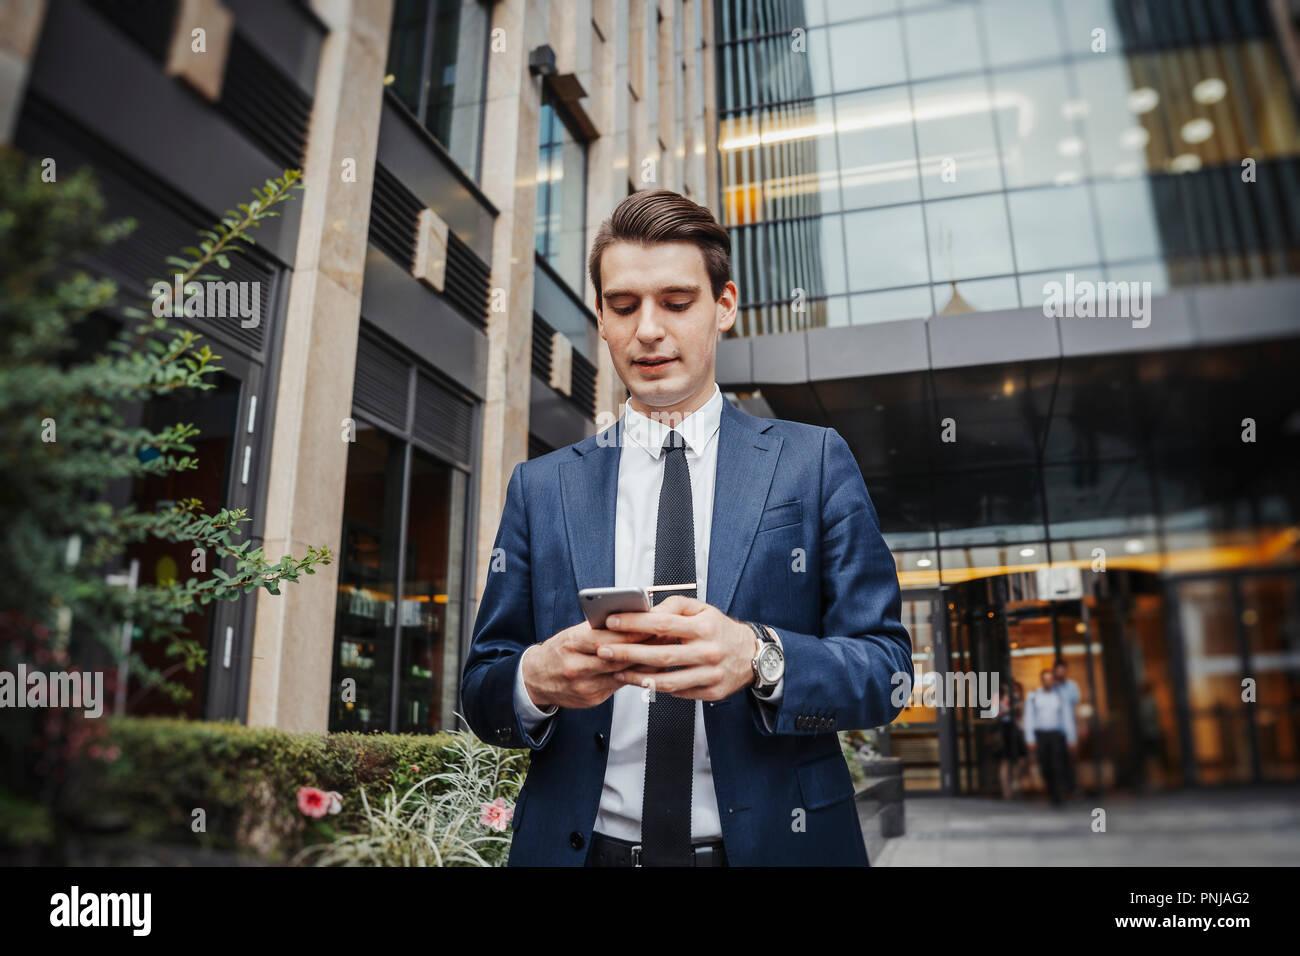 Cerca del empresario junto a rascacielos mirando a la pantalla del teléfono móvil. Imagen De Stock